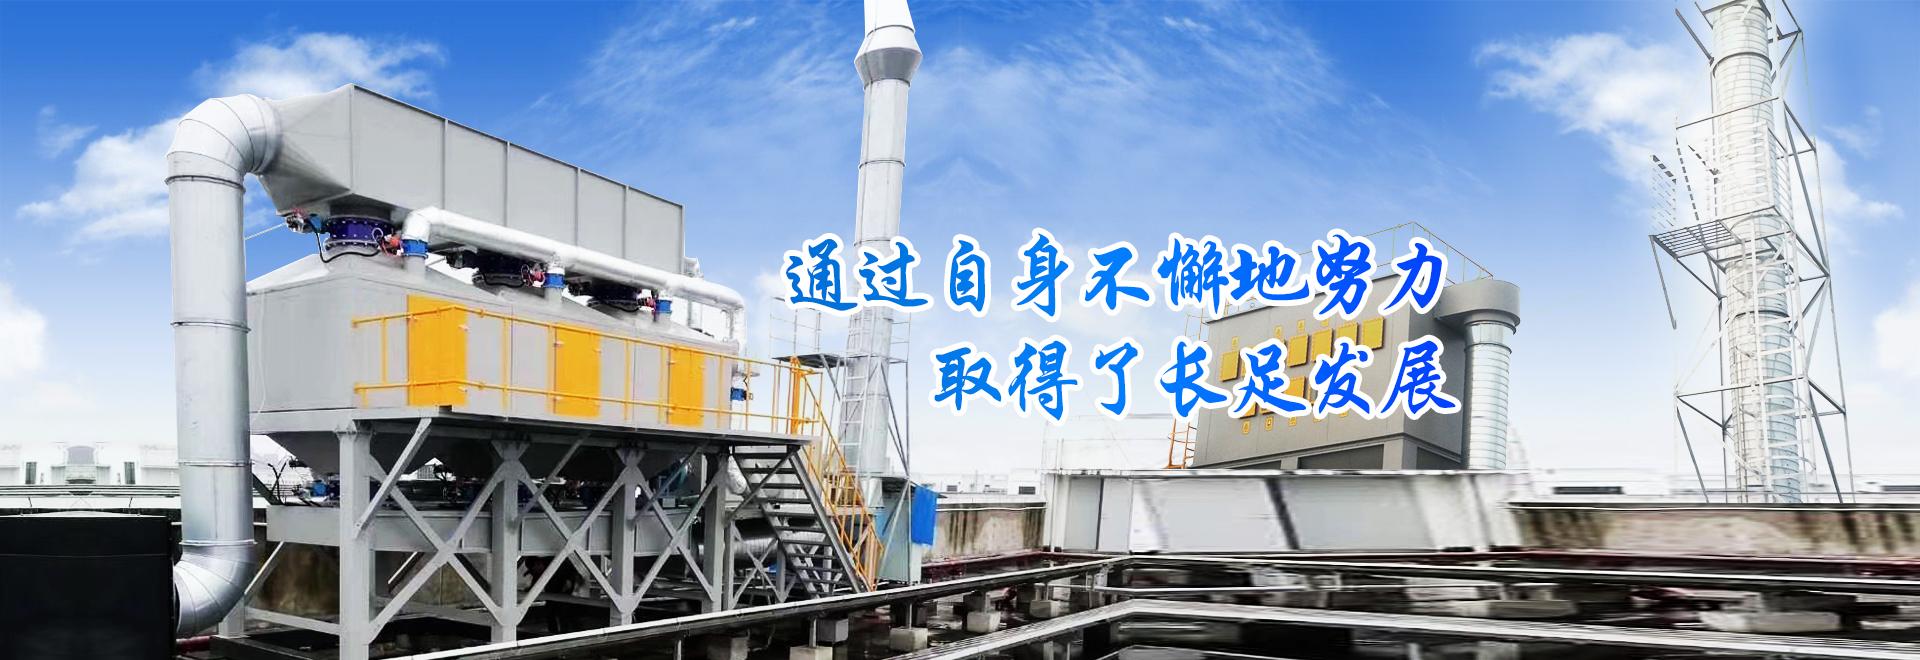 贵阳环保设备厂家